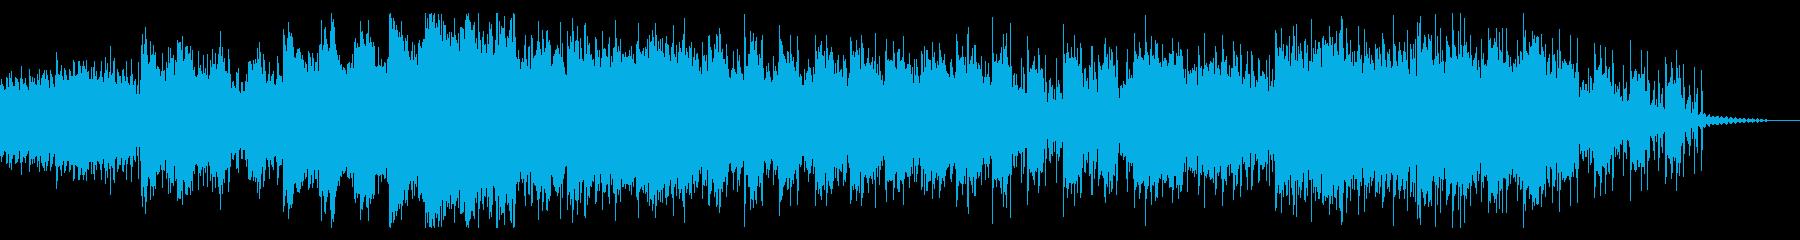 唸り声交じるホラーなアンビエントの再生済みの波形